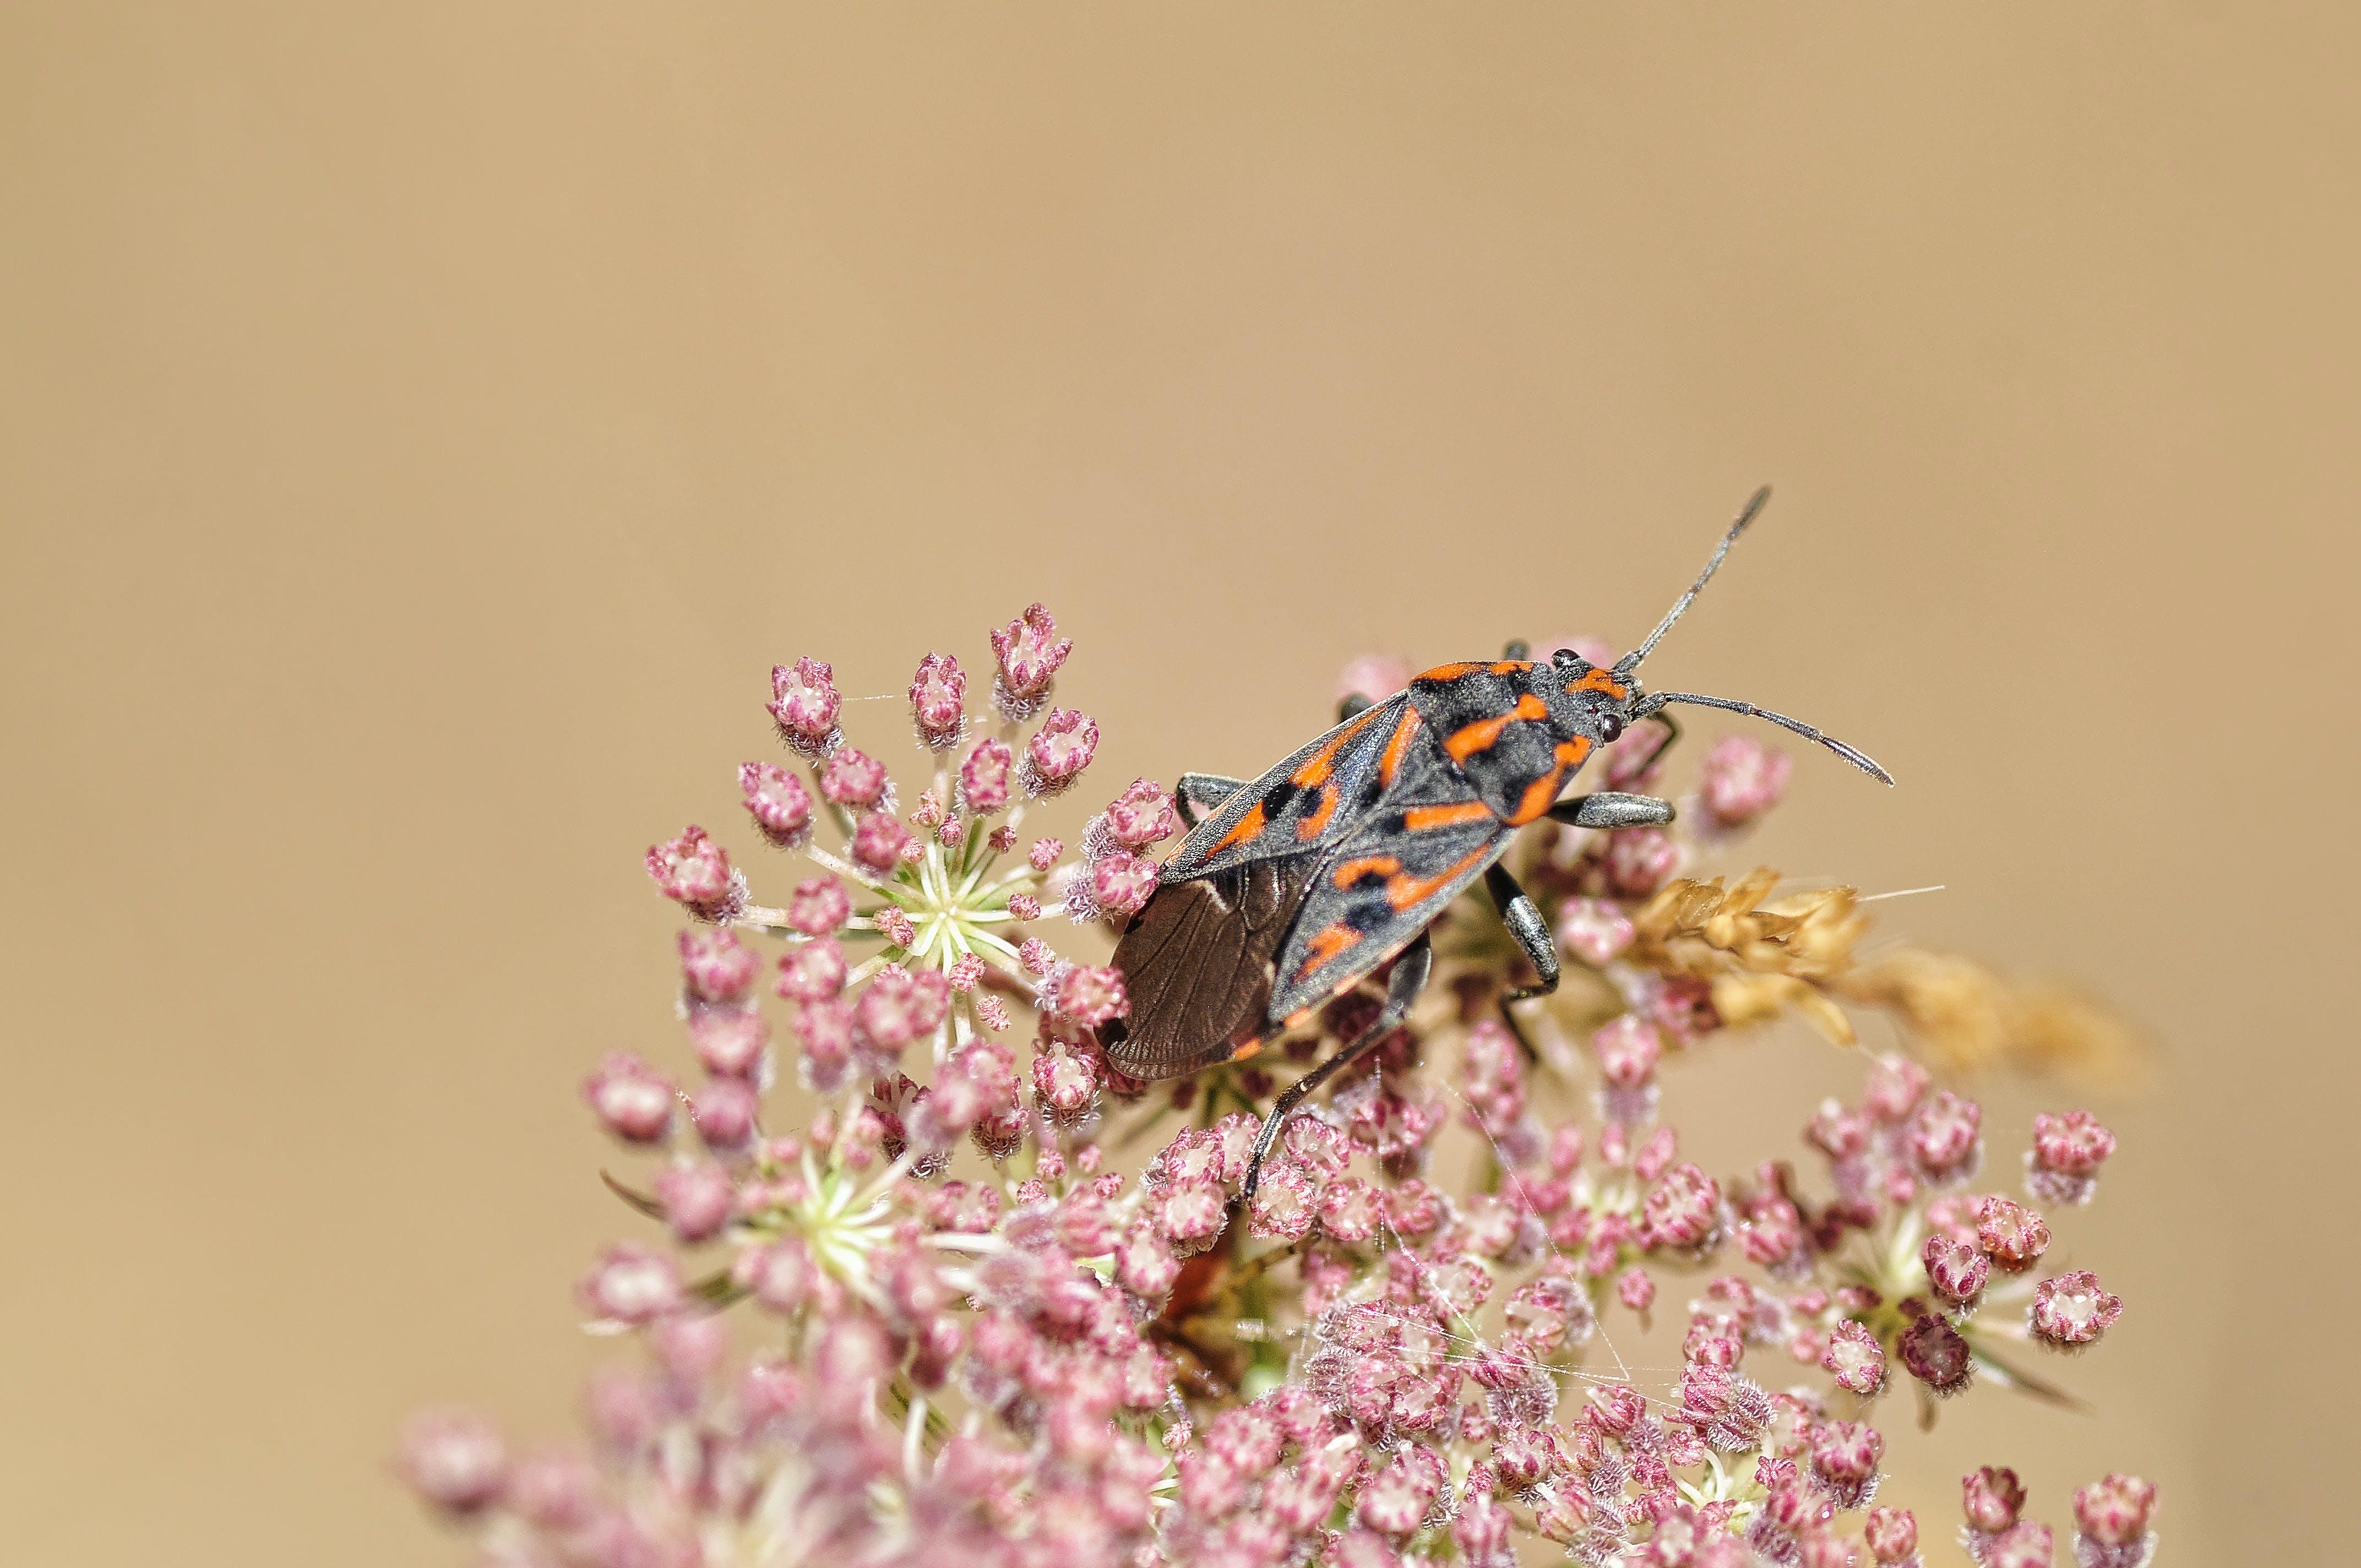 小蟲, 昆蟲, 植物群, 甲壳虫 的 免费素材照片